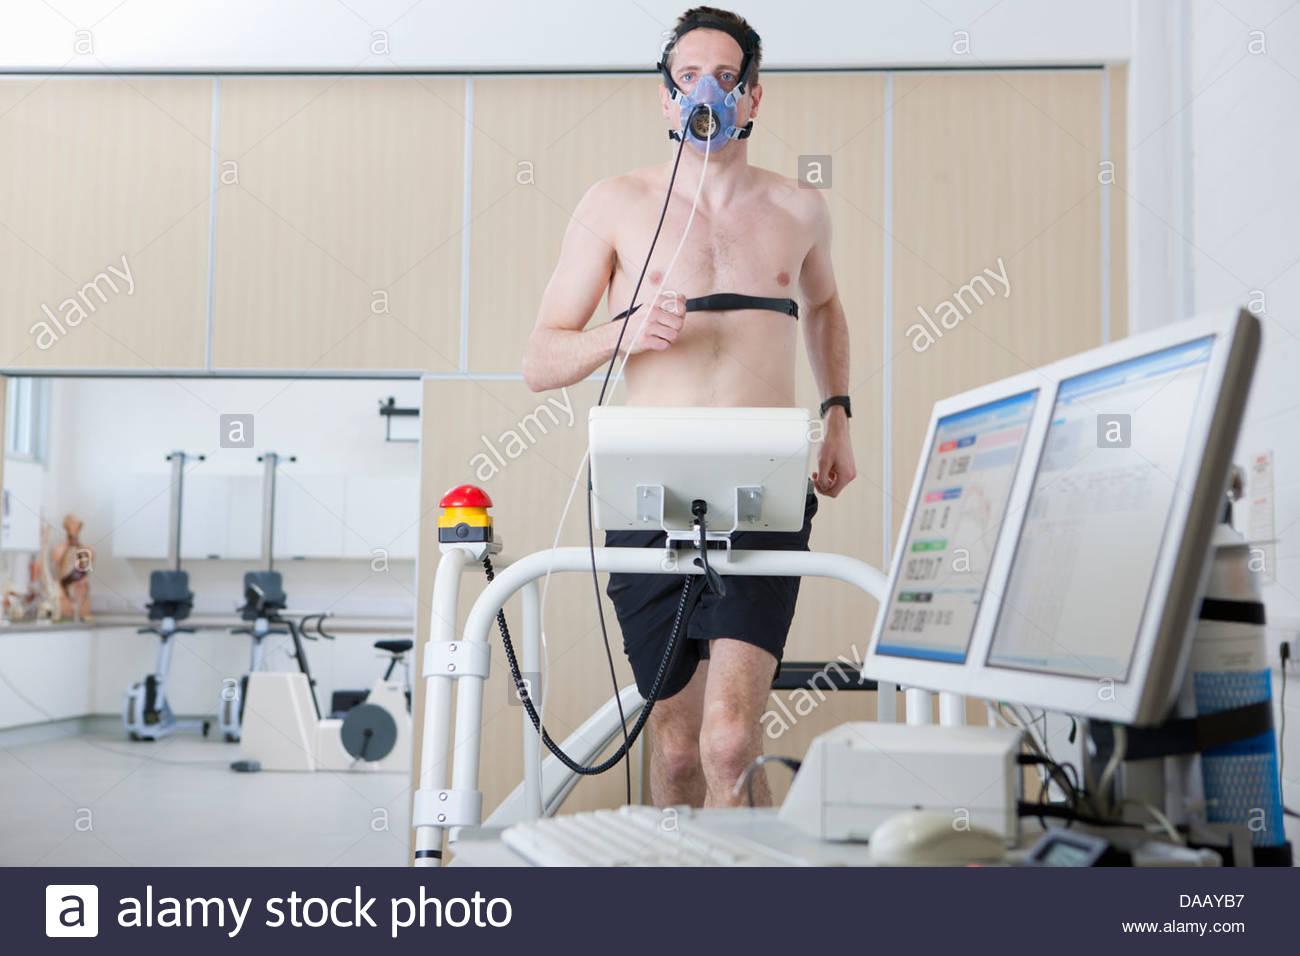 Runner con máscara en cinta en el laboratorio de ciencia de los deportes Imagen De Stock